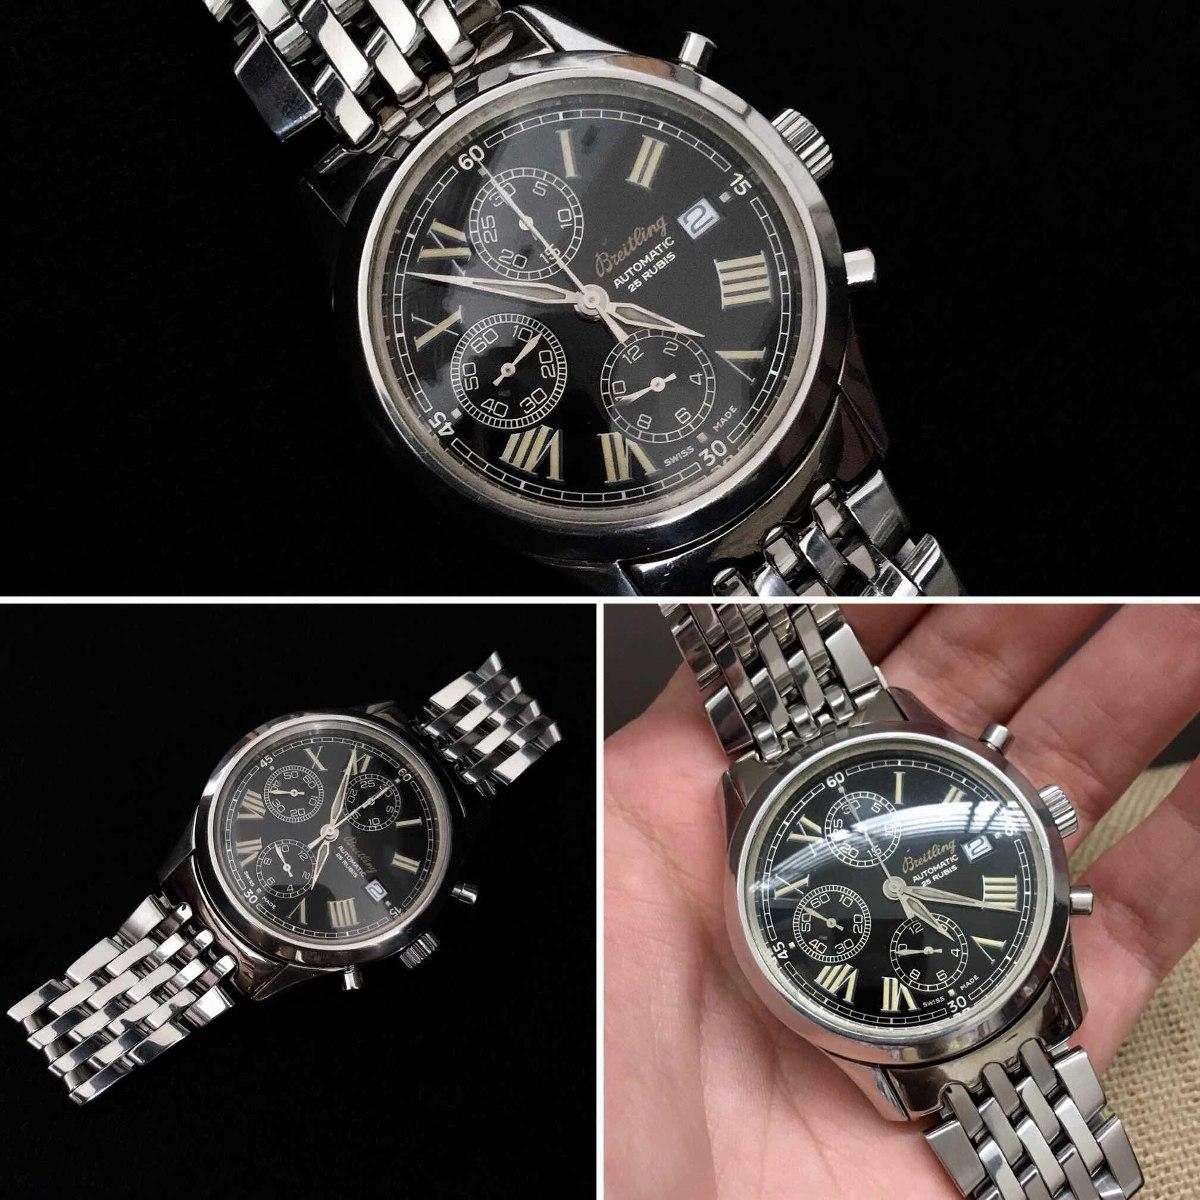 630db78ea96 relógio breitling navitimer grand premier cronógrafo. Carregando zoom.